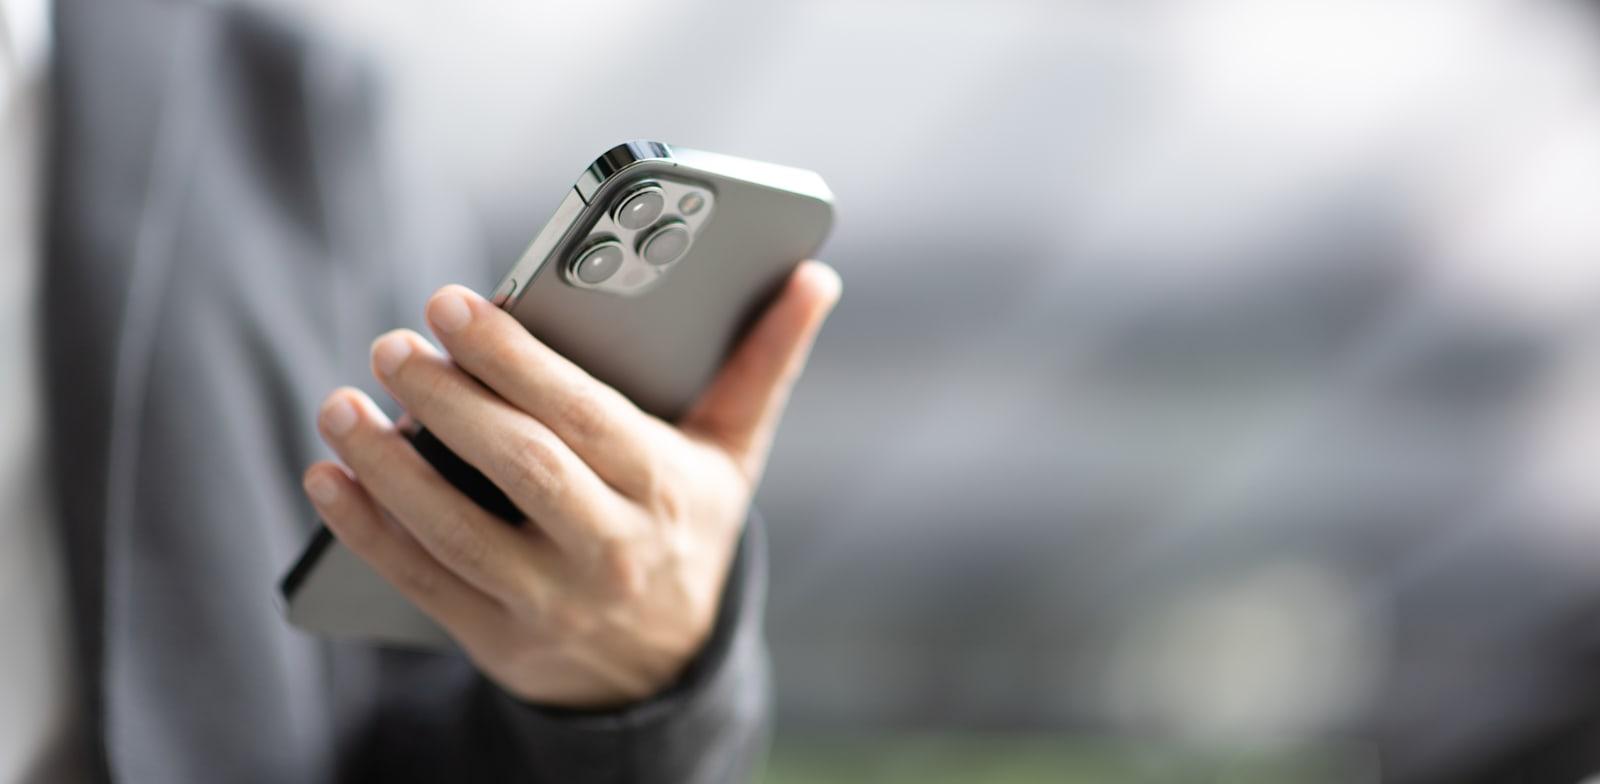 אייפון / צילום: Shutterstock, oatawa